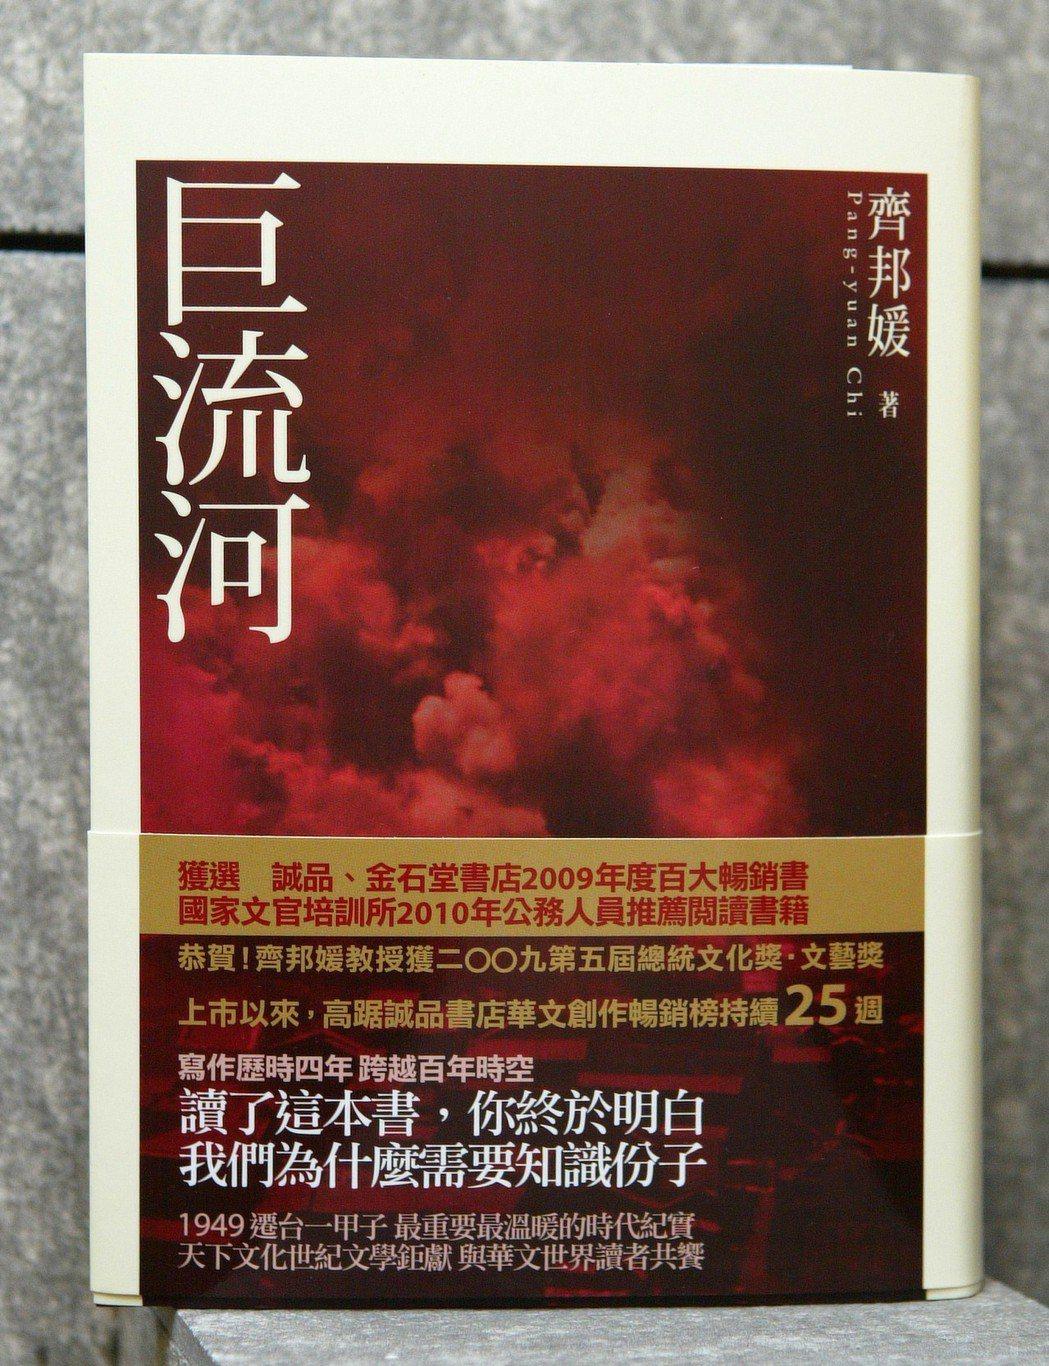 齊邦媛的獲獎著作《巨流河》。 圖/聯合報系資料照片